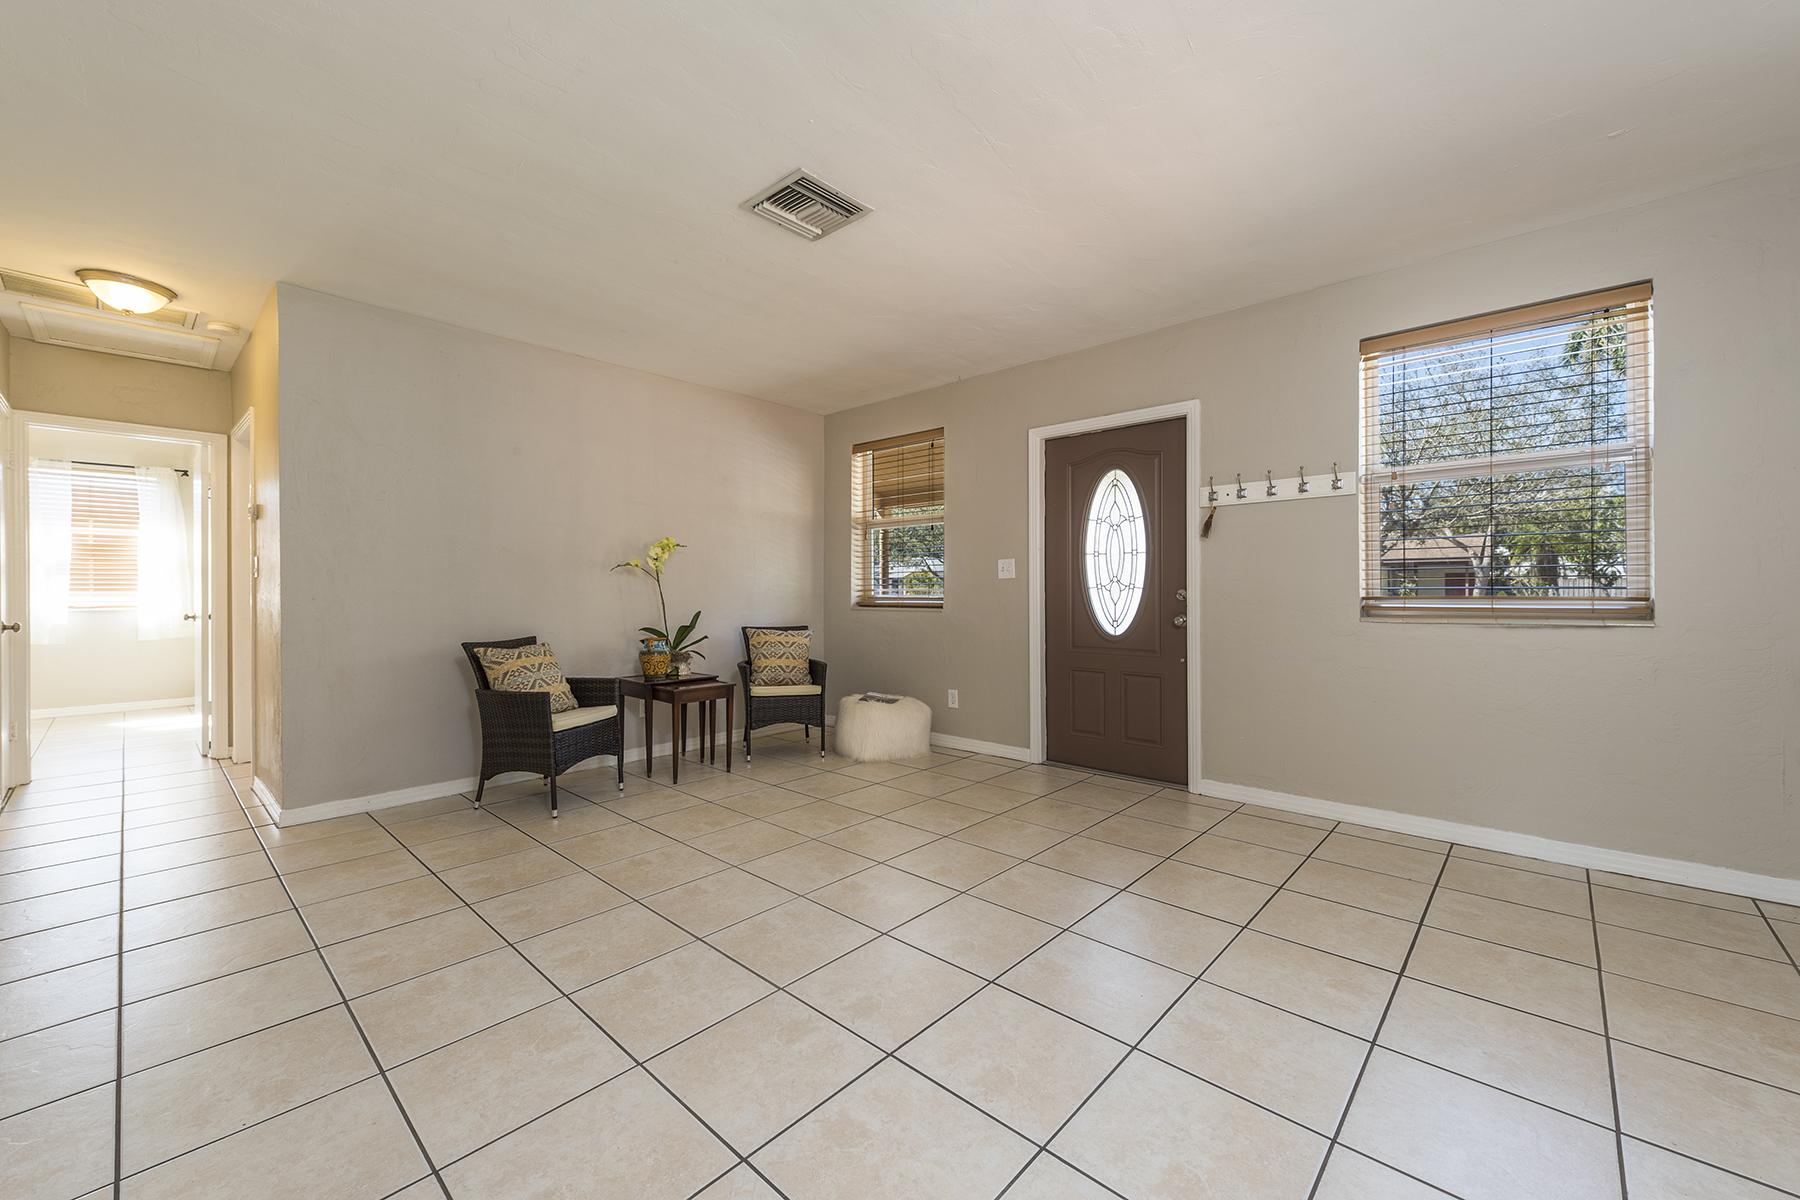 Tek Ailelik Ev için Satış at LAKE PARK 970 10th St N Naples, Florida, 34102 Amerika Birleşik Devletleri